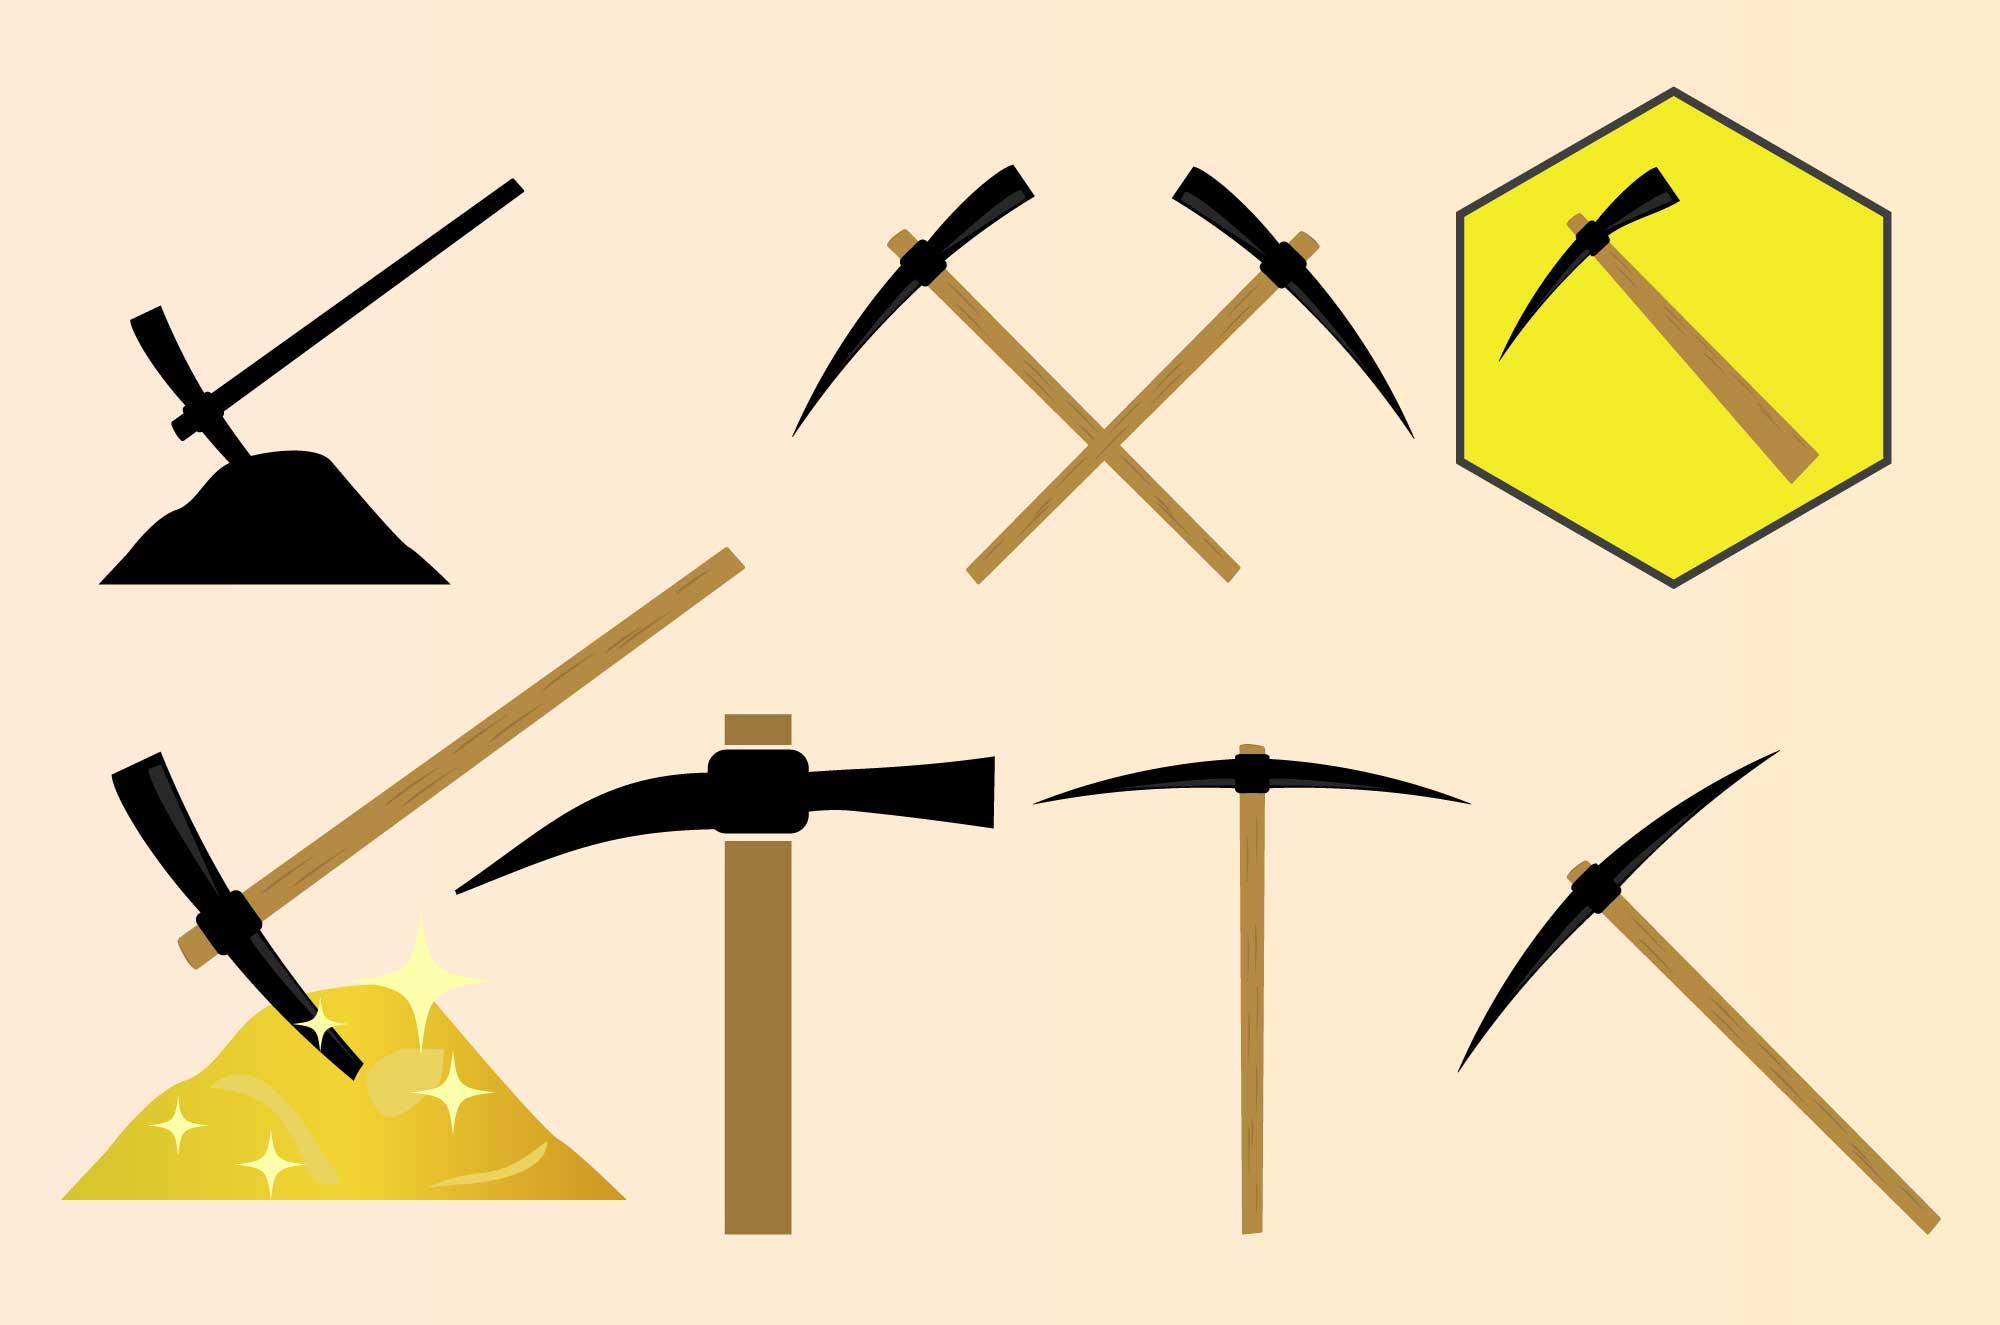 ツルハシのフリーイラスト - 発掘イメージ無料素材